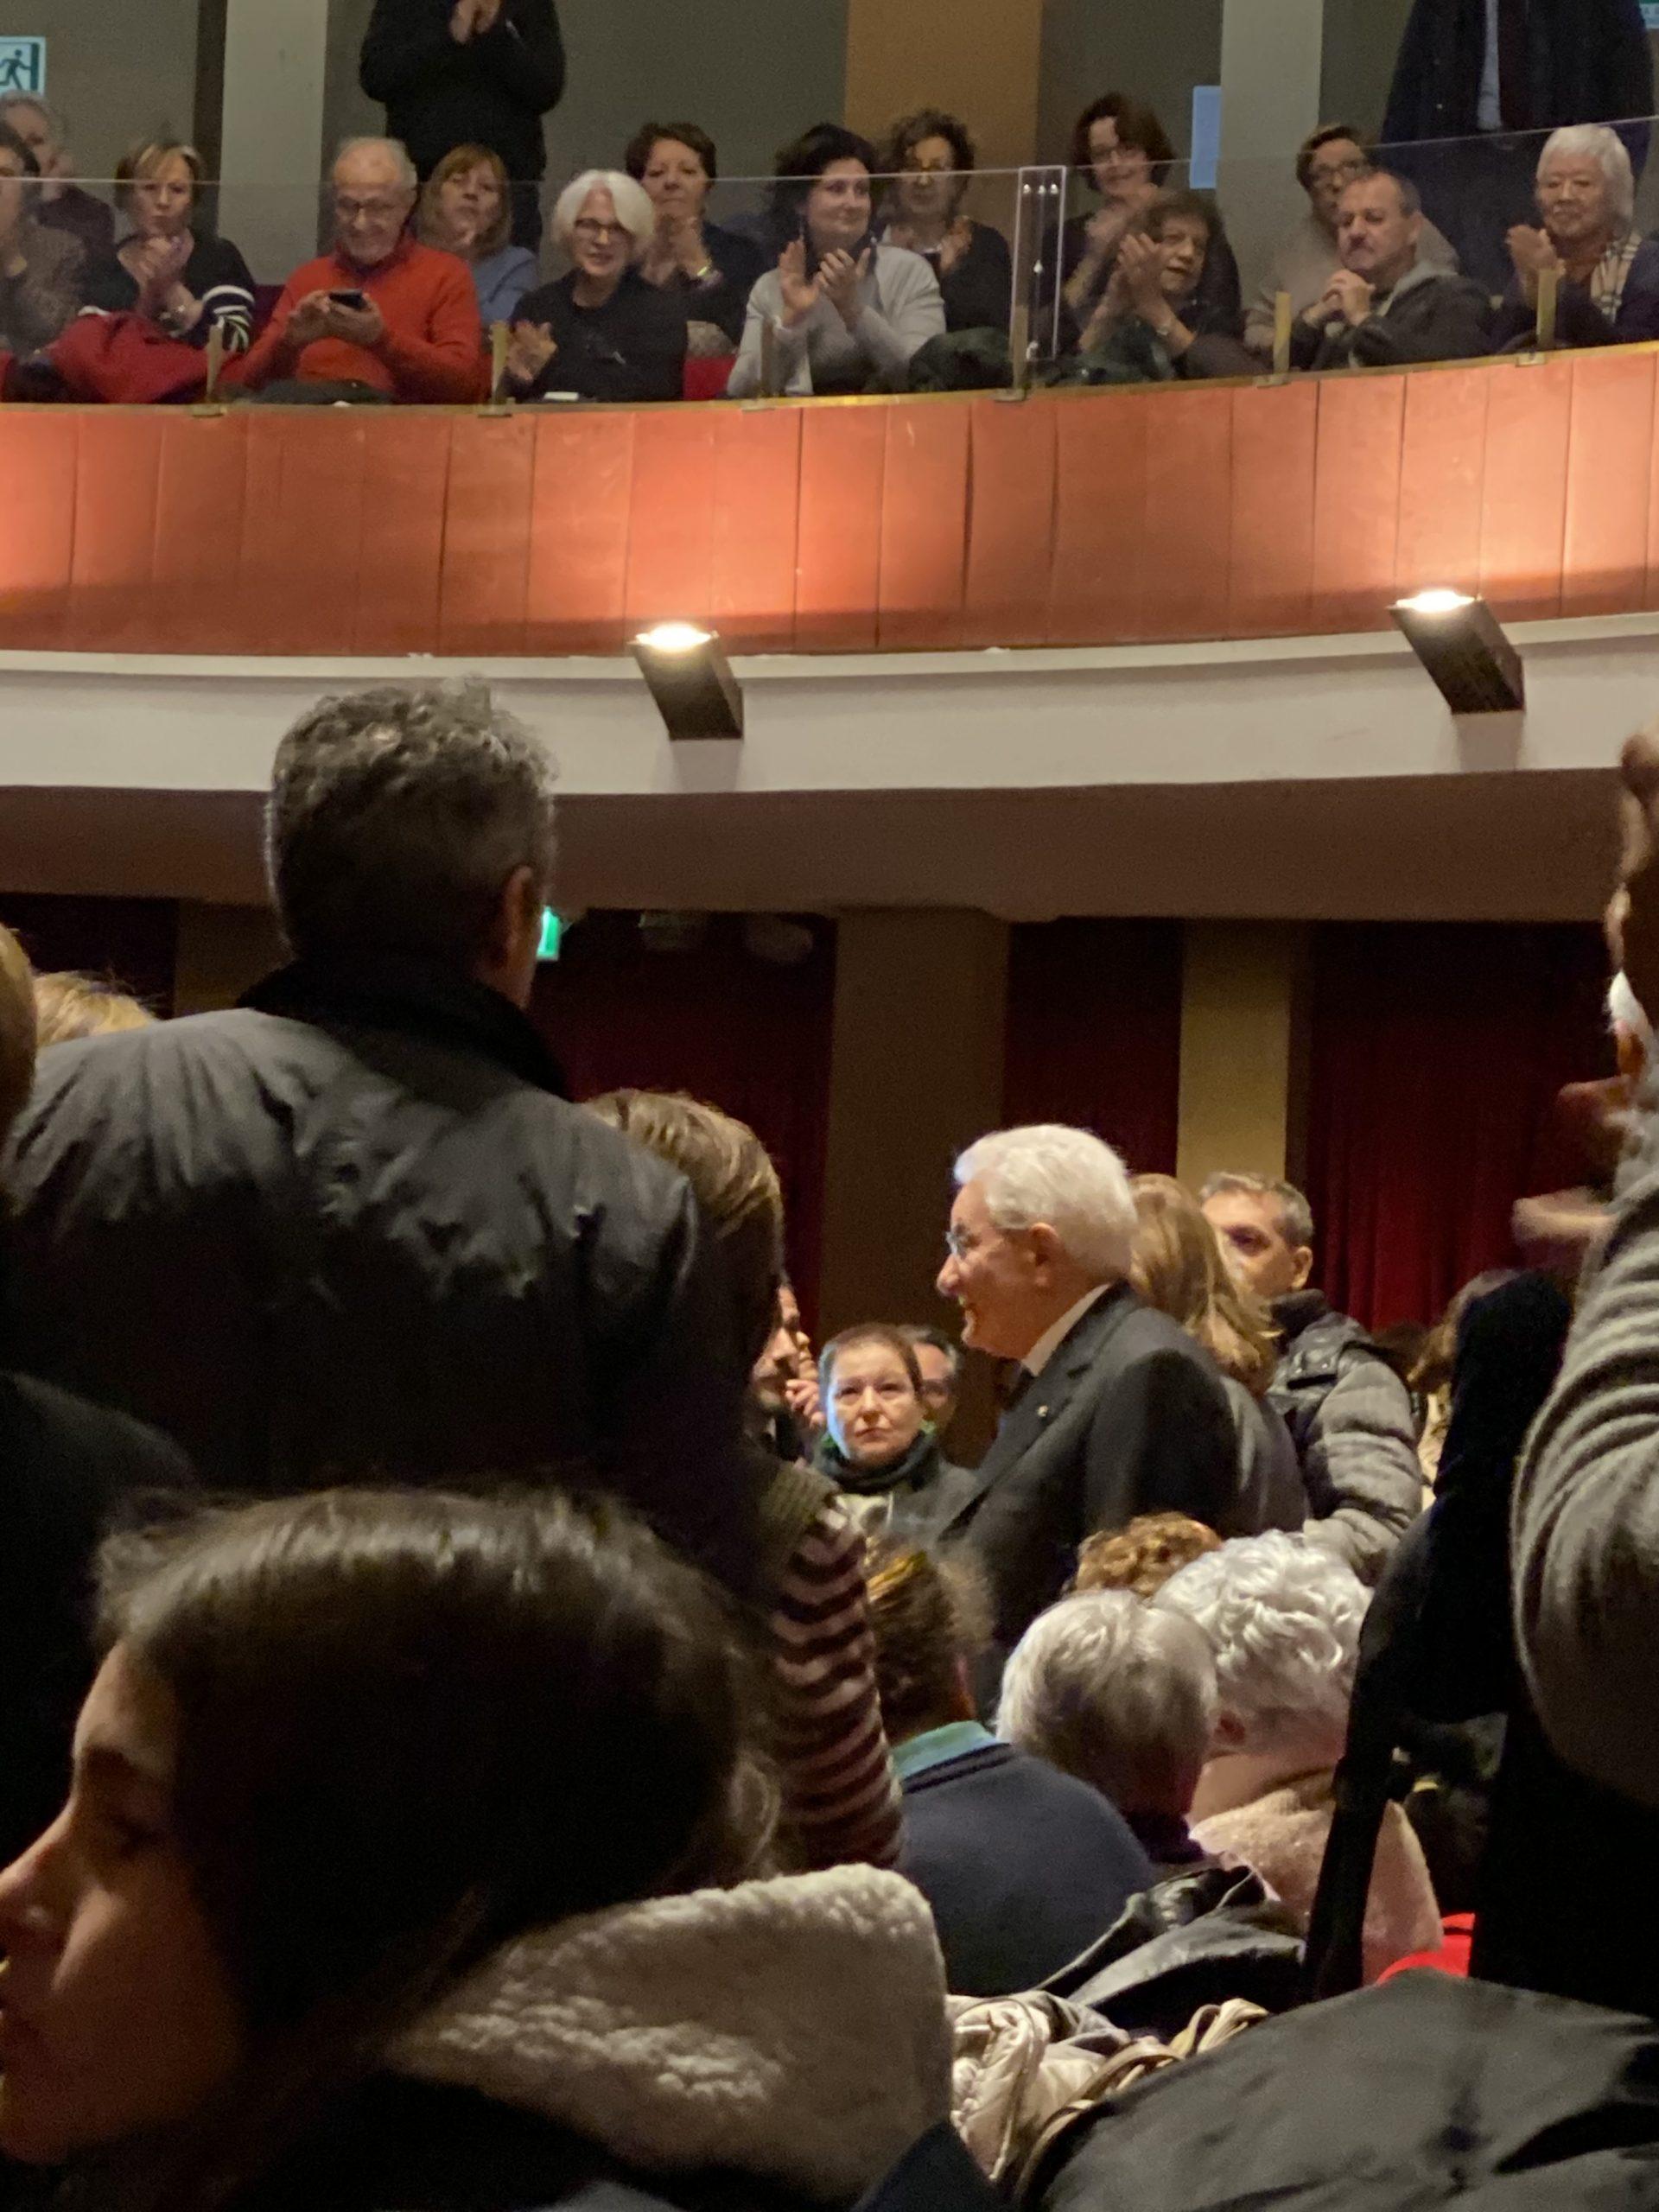 Il Presidente della Repubblica Sergio Mattarella alla prima di Arsenico e Vecchi Merletti in Roma photo Copyright by #carlomarinoeuropeannewsagency